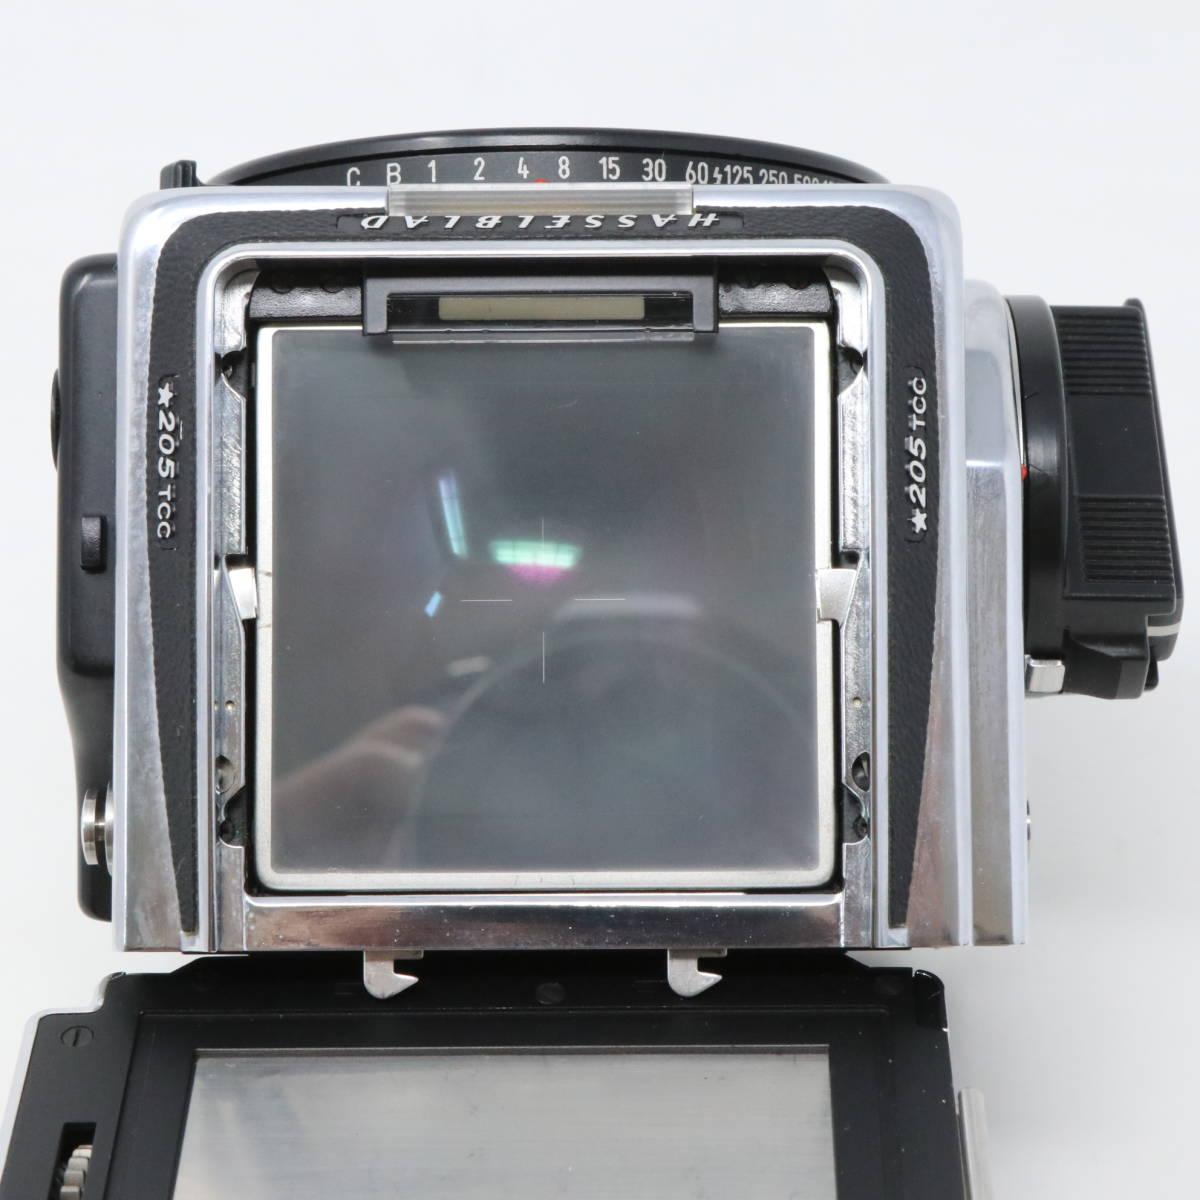 【中古良品完動品】 HASSELBLAD ハッセルブラッド 中判一眼レフカメラ ☆205TCC CarlZeiss Planar F 80mm F2.8 T* マガジン12TCC +16TCC付_画像6